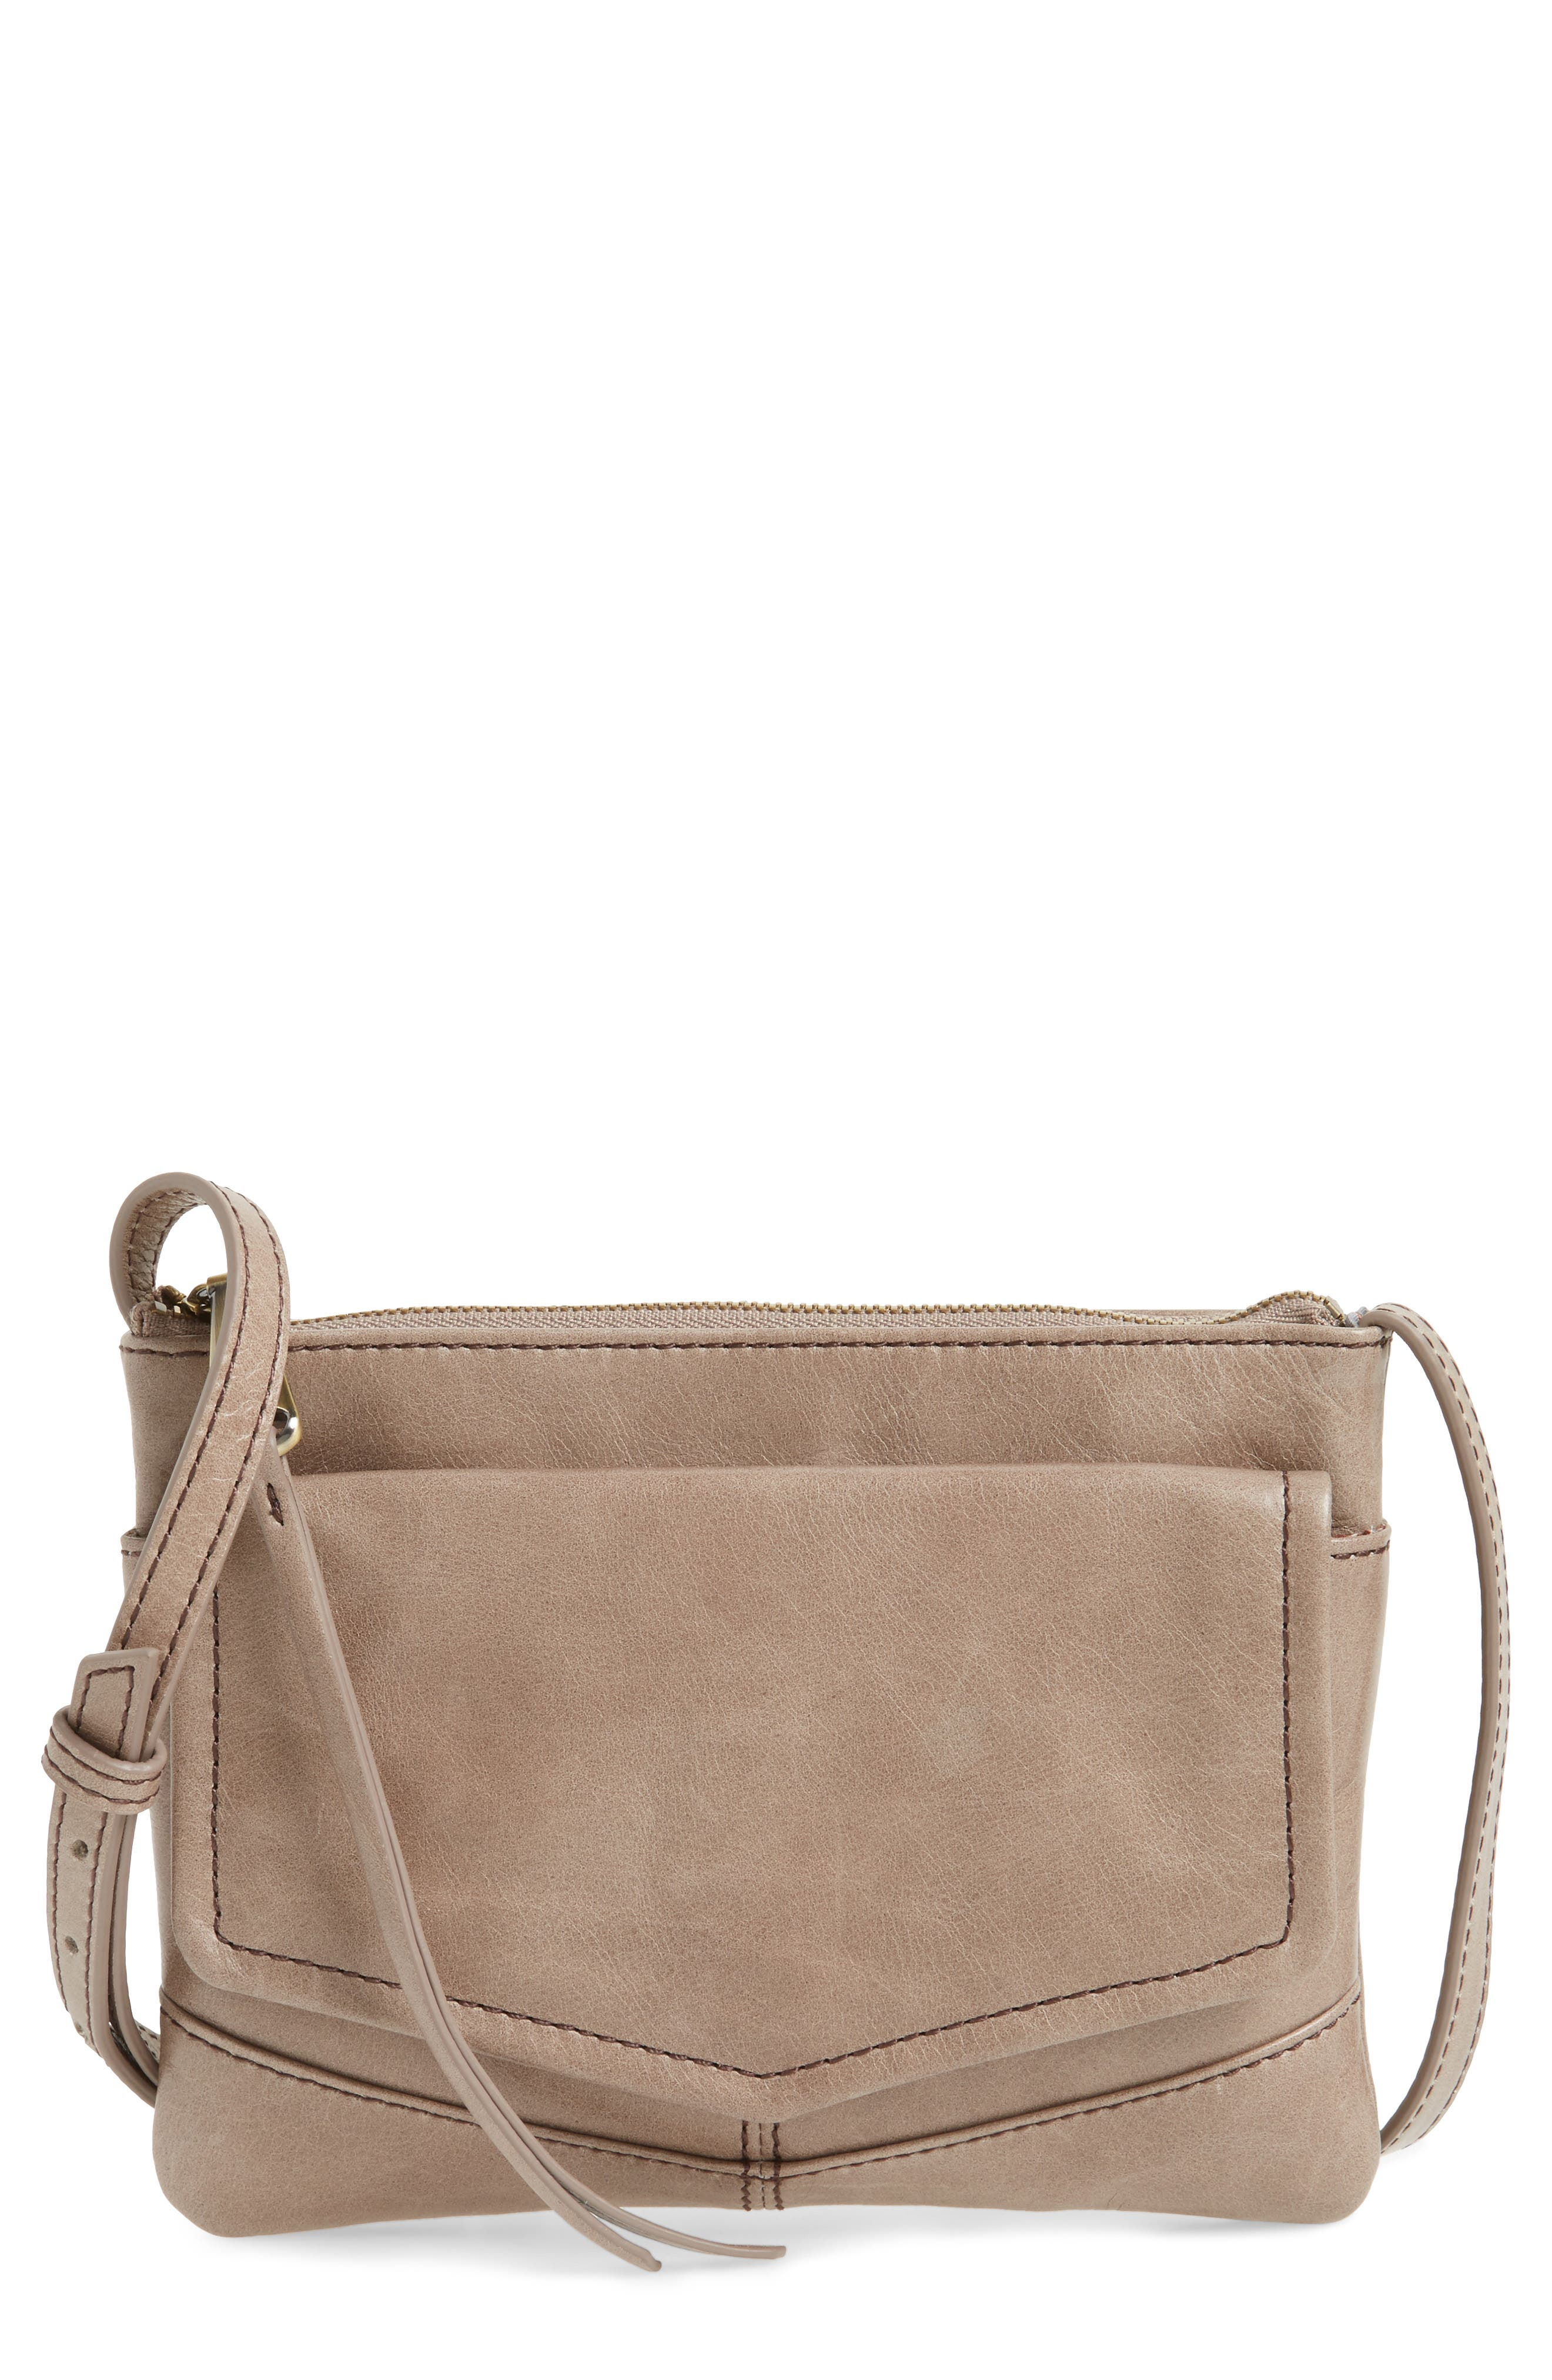 Hobo Amble Leather Crossbody Bag